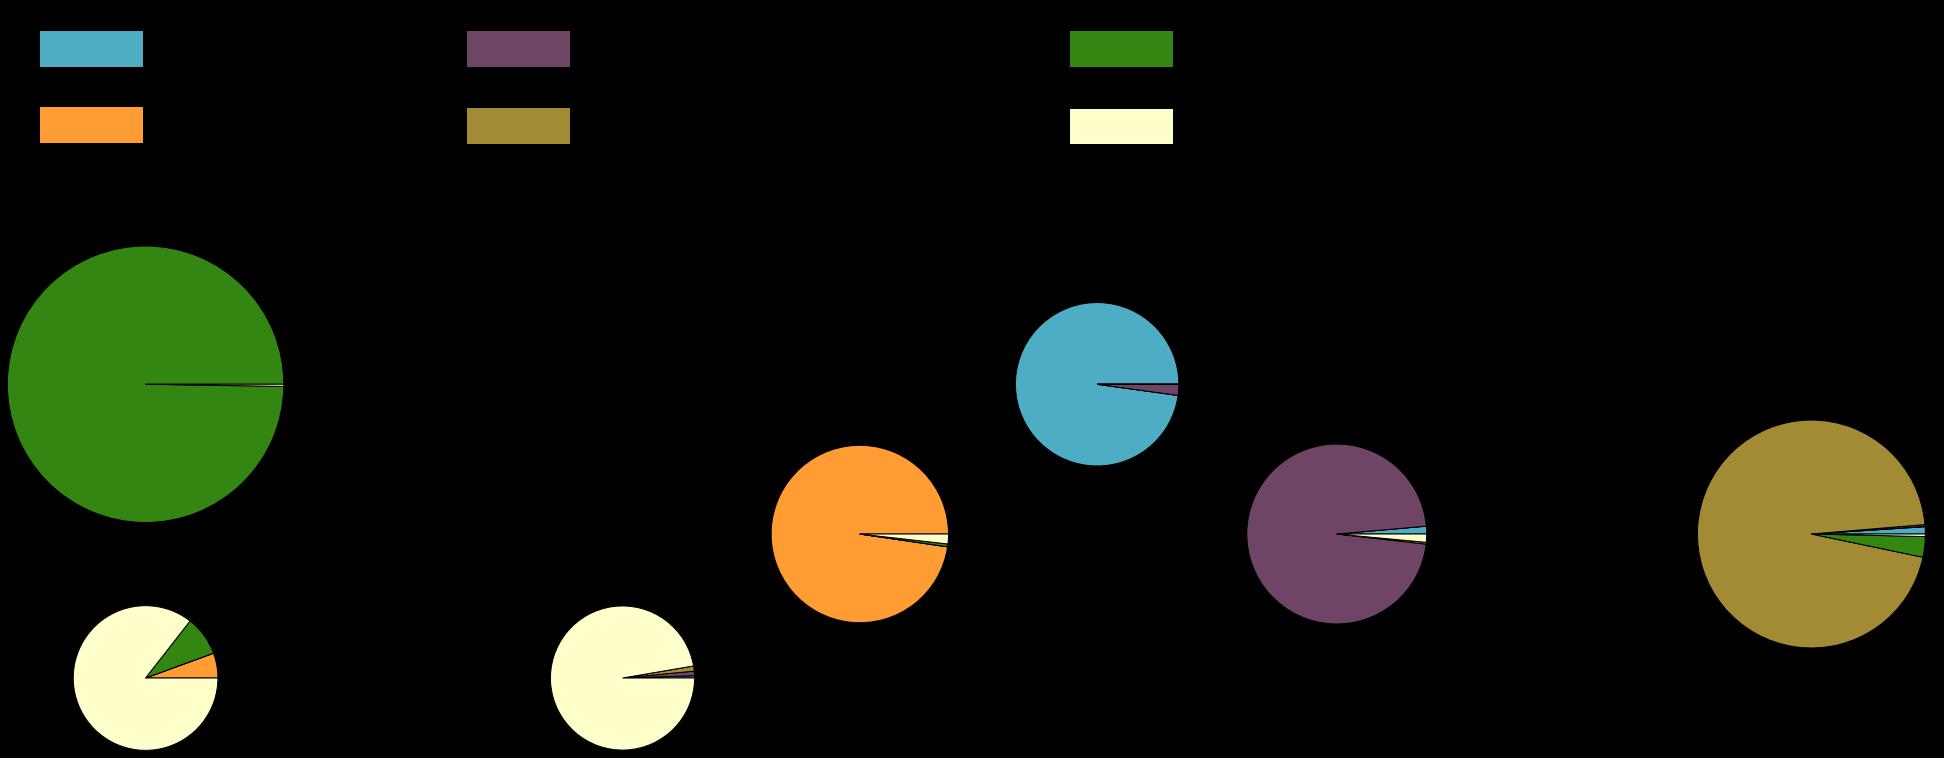 pics/tSNE_classification.png